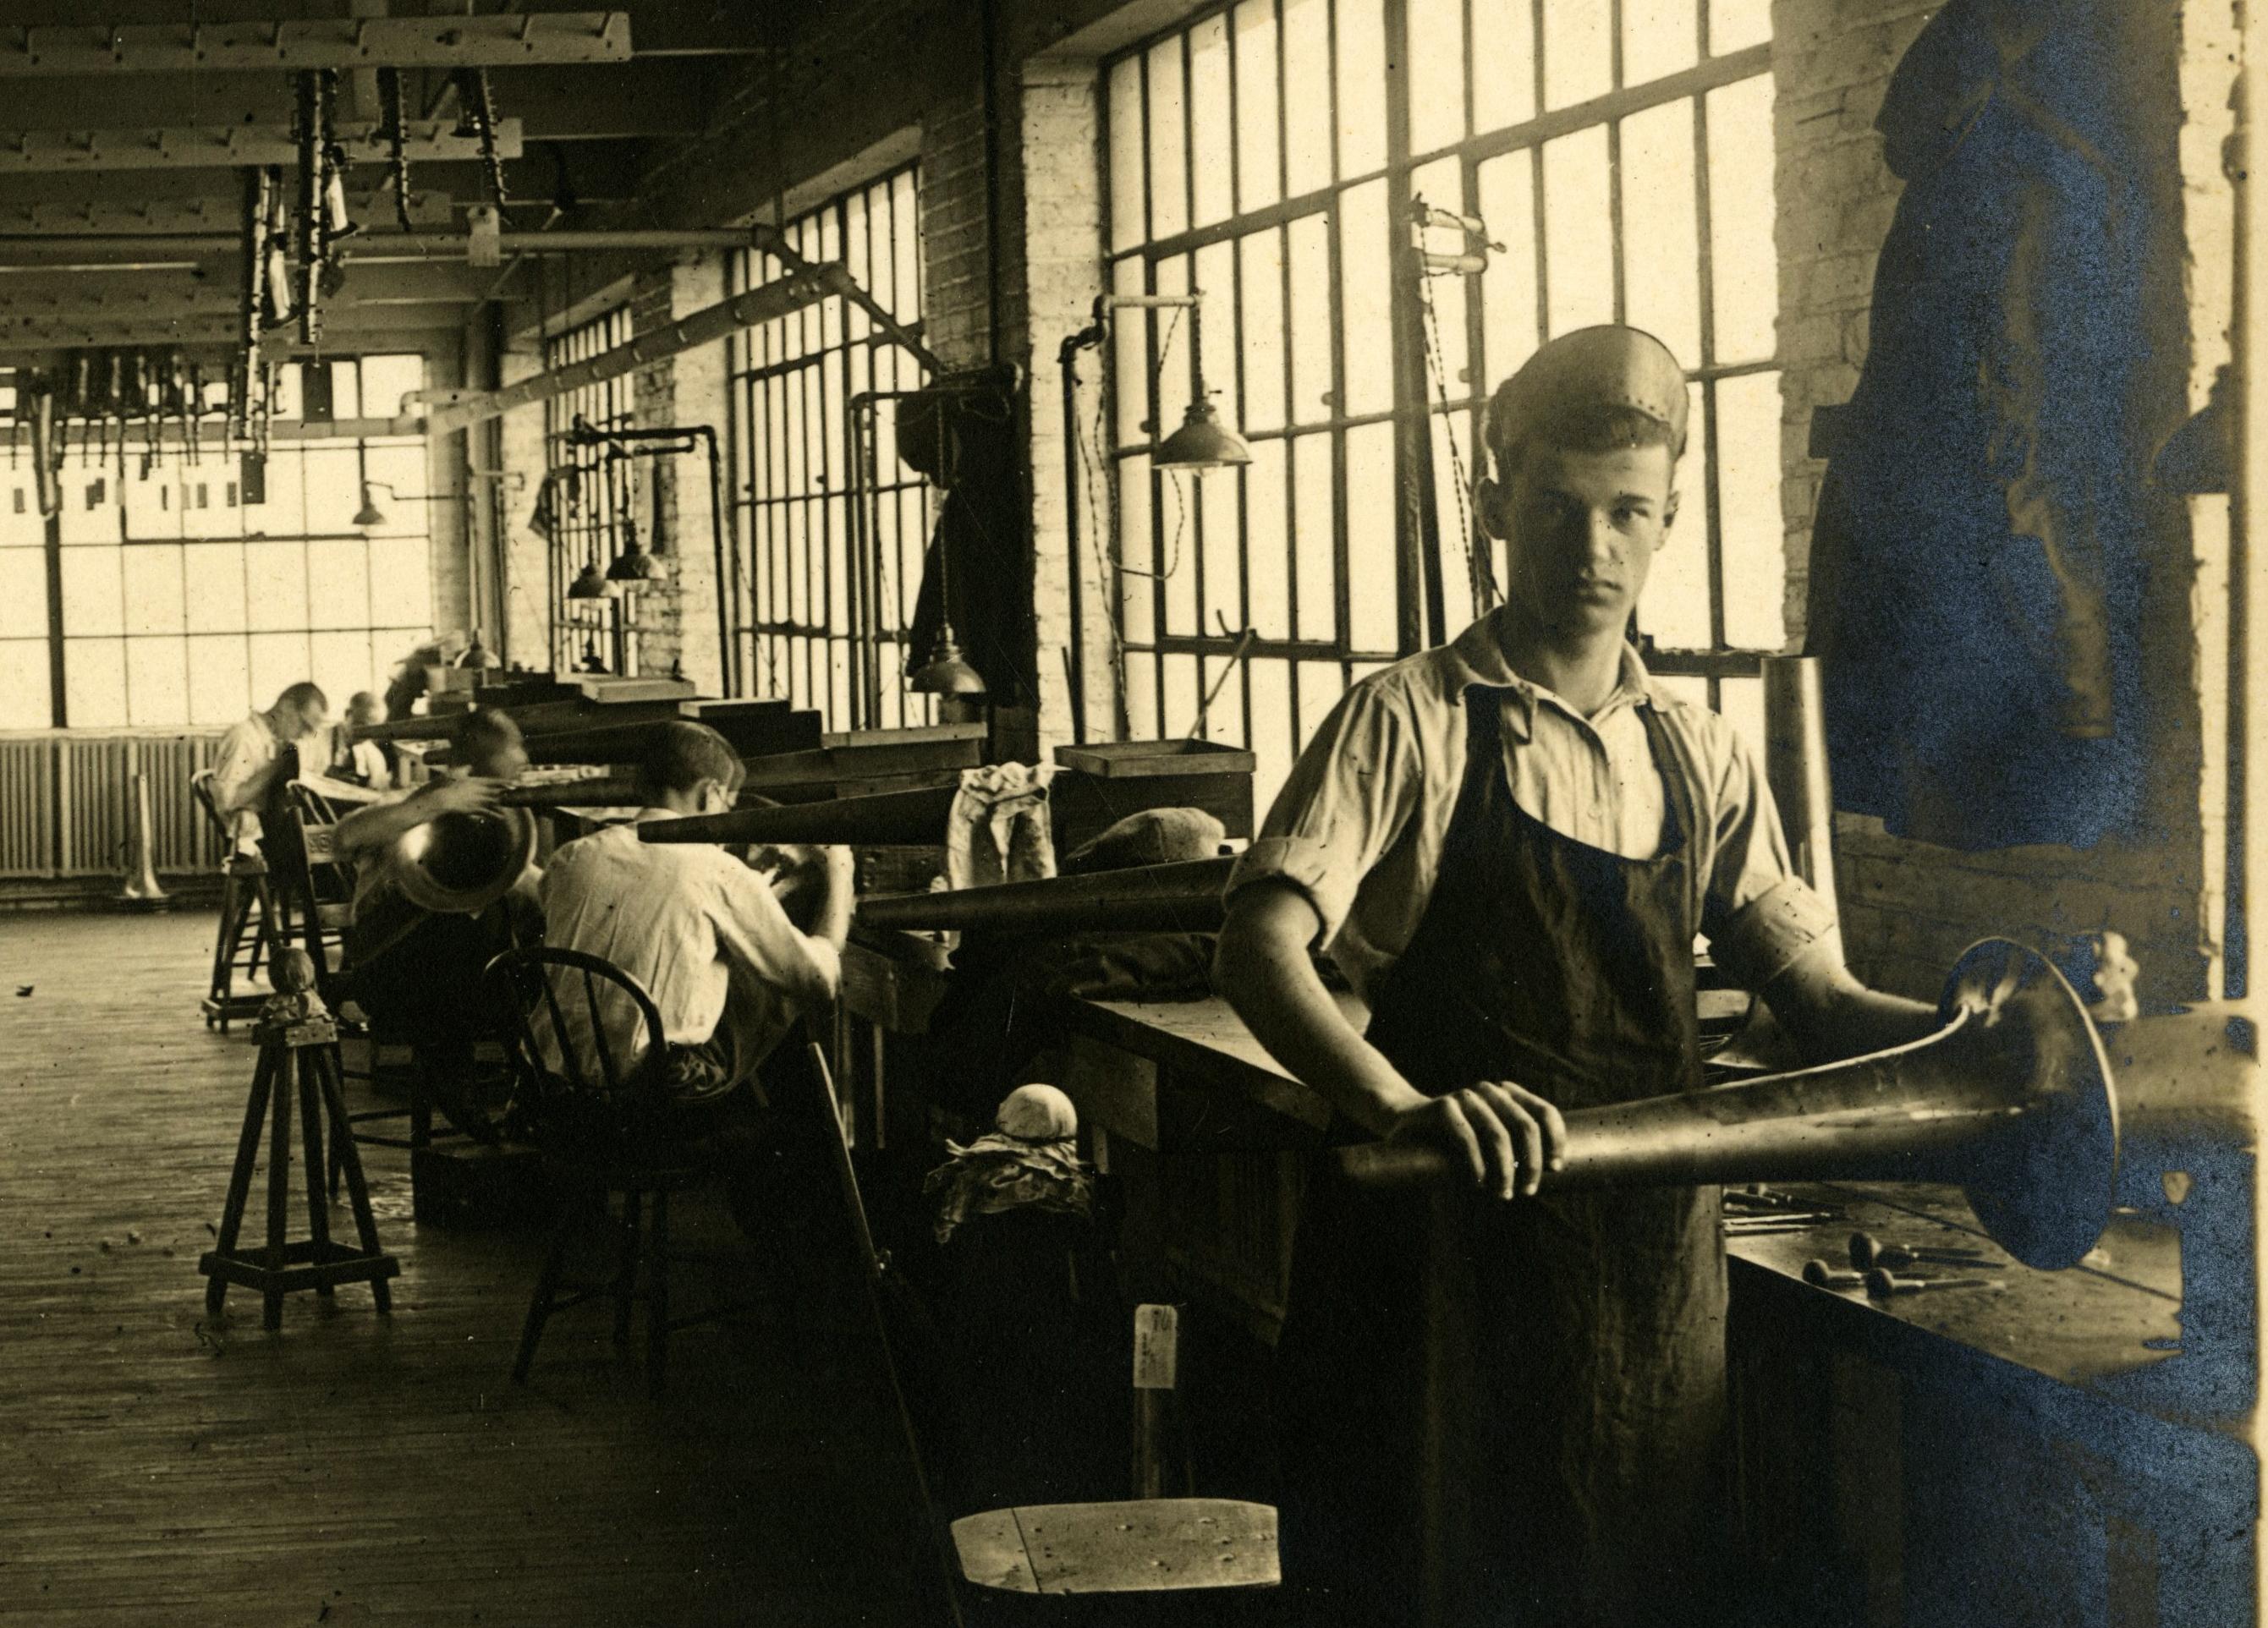 Charlie Terlep Buescher Manufacturing